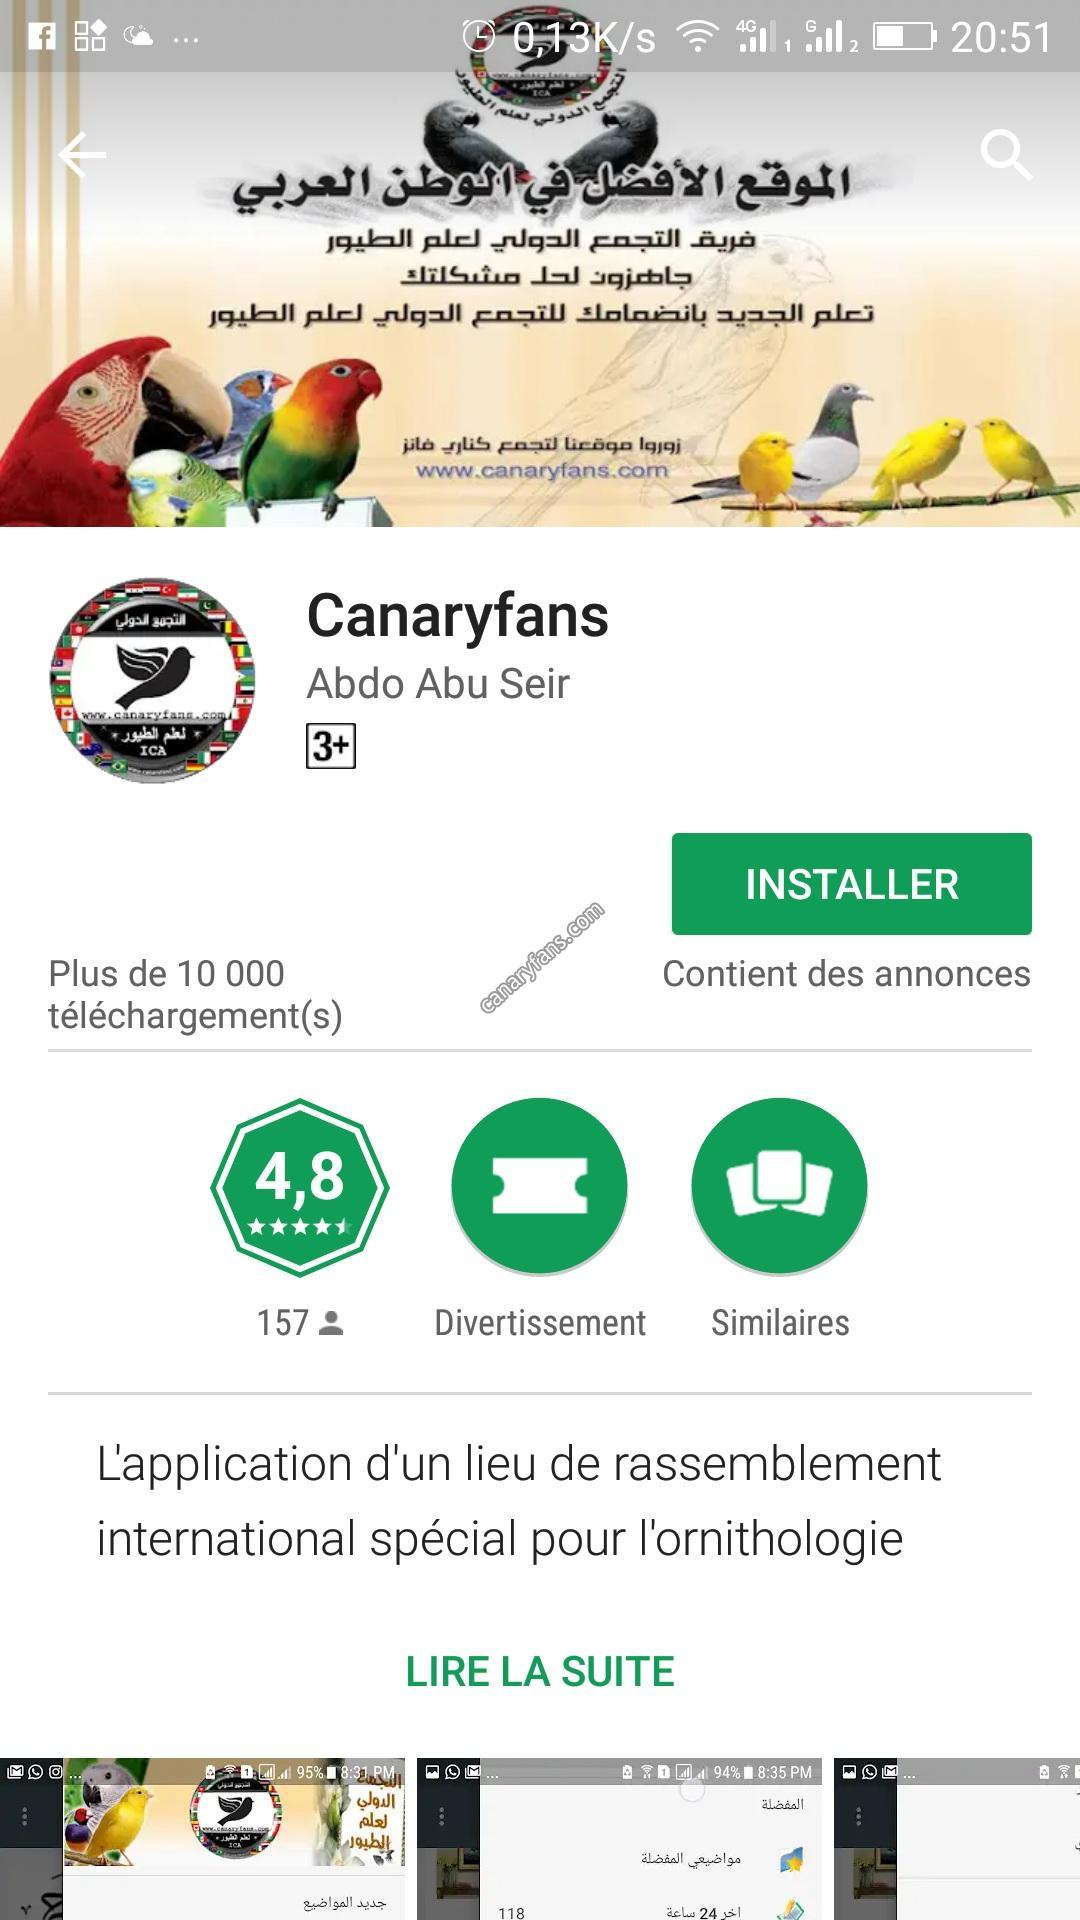 هــــــام : إطلاق النسحة الرسمية للتطبيق الخاص بالتجمع على Google Play